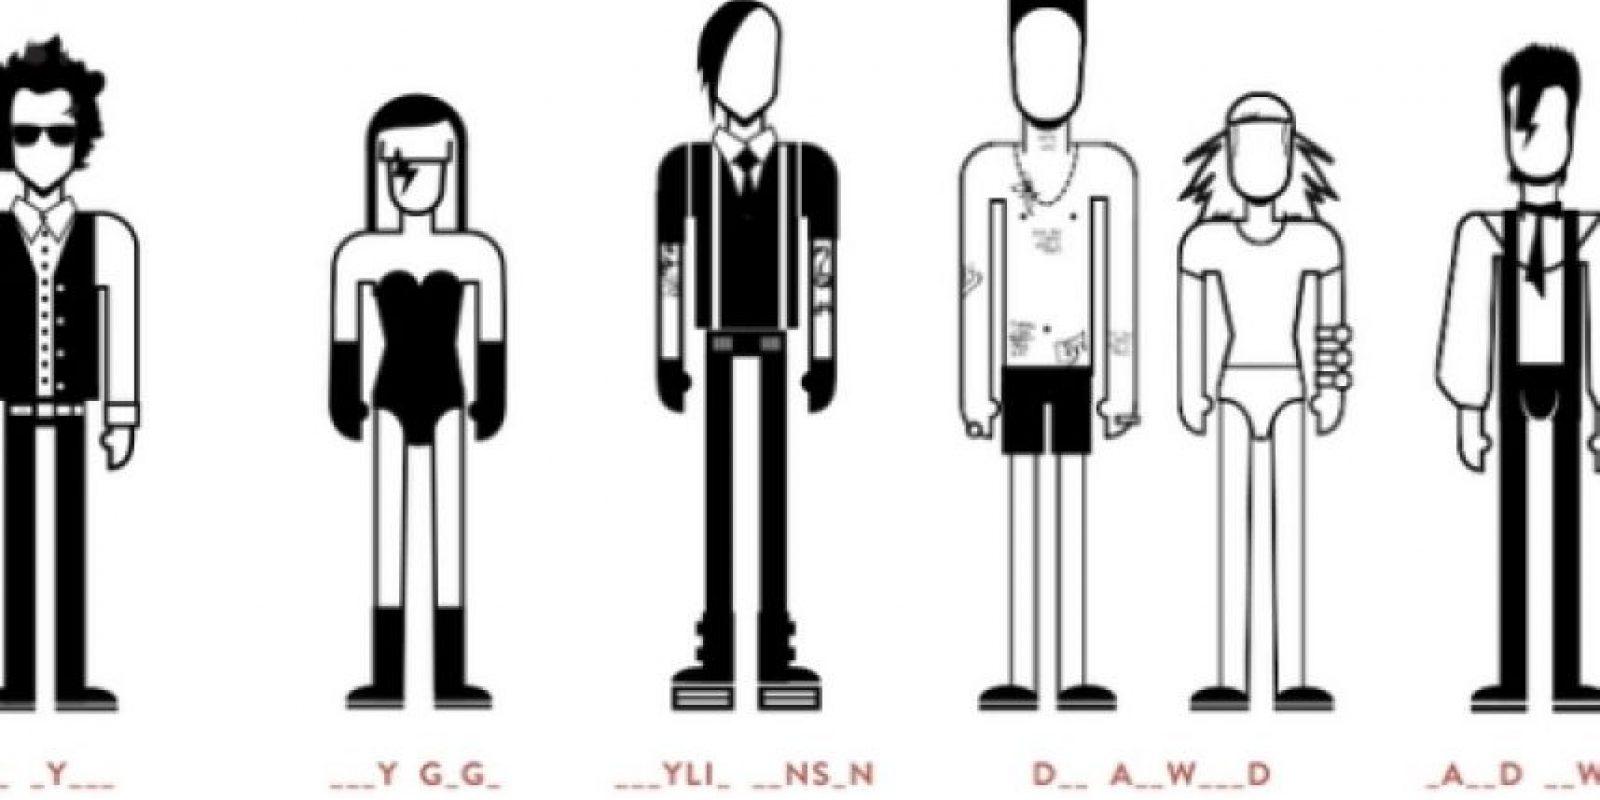 Band Land es perfecta para los melómanos. Deben probar cuantos nombres de grupos musicales puedes nombrar Foto:Undercoders